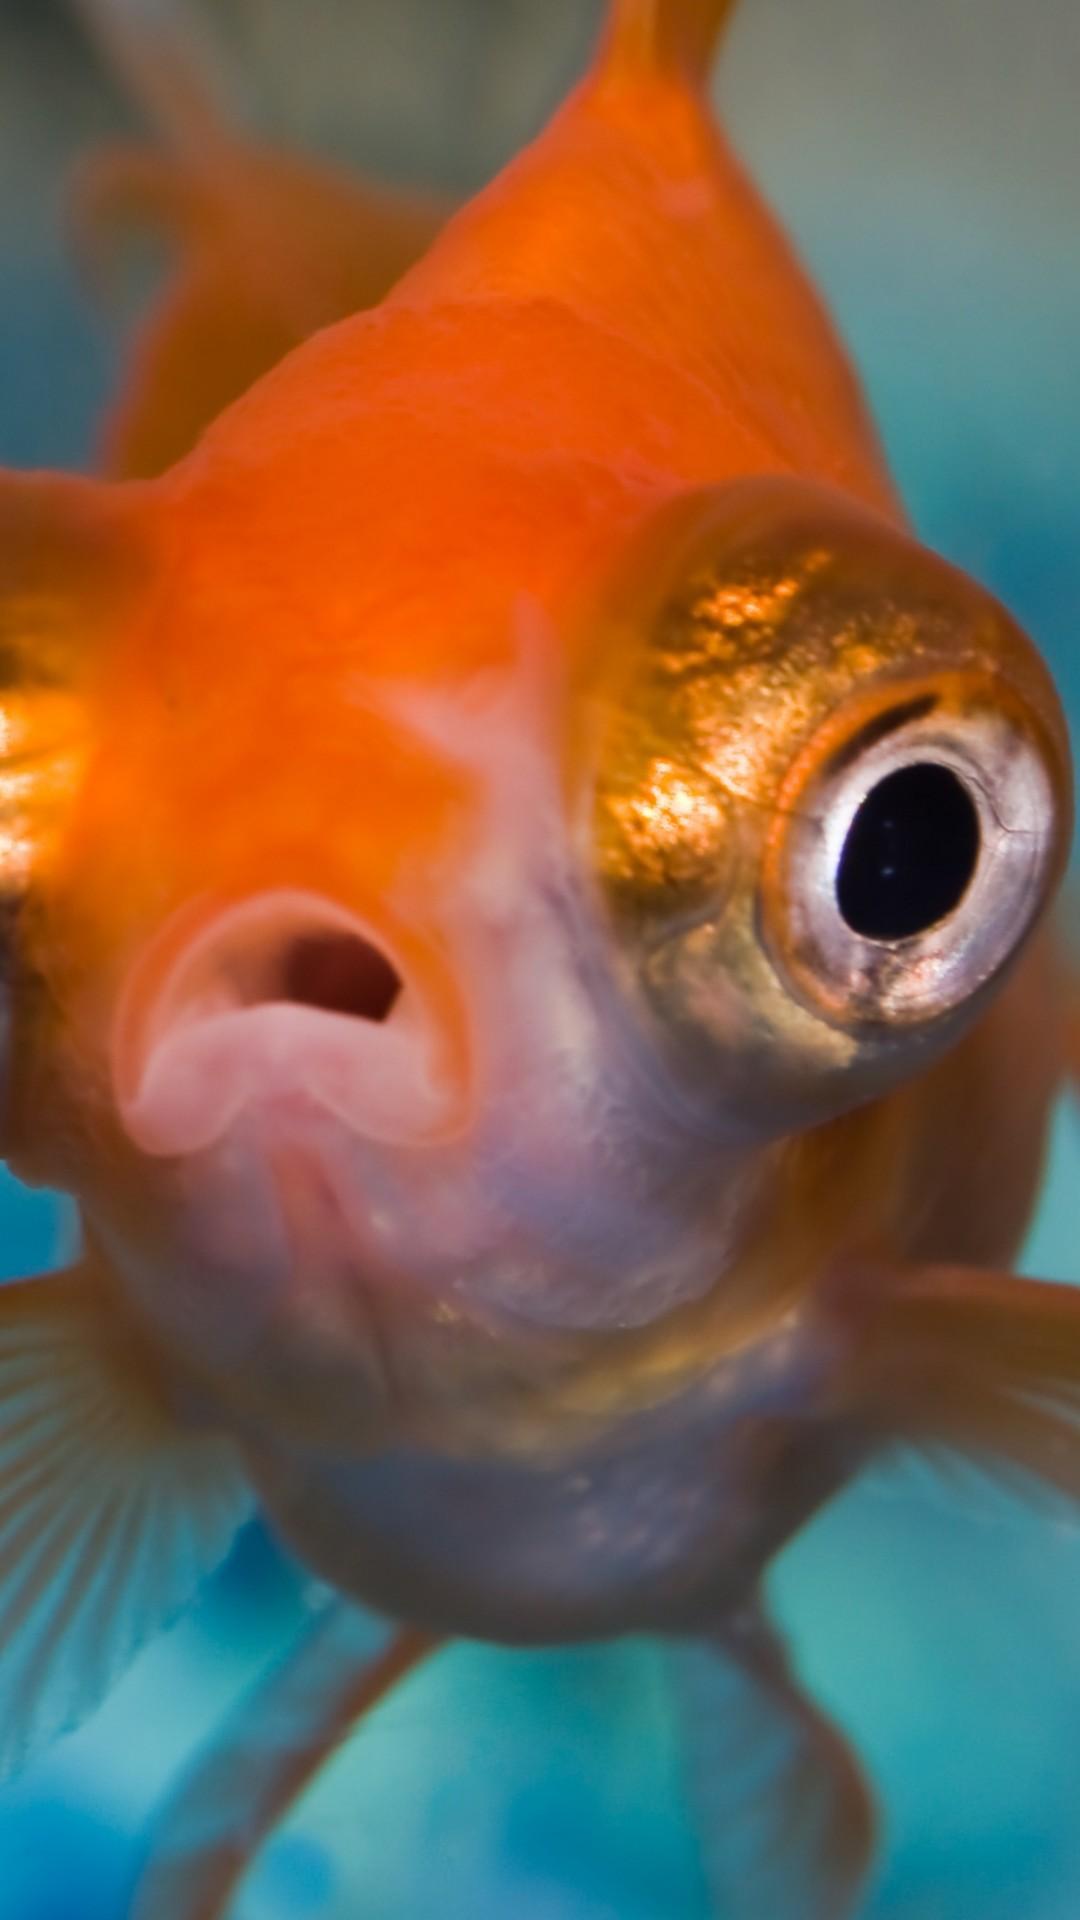 Wallpaper Telescope Goldfish Fish Animals 9947